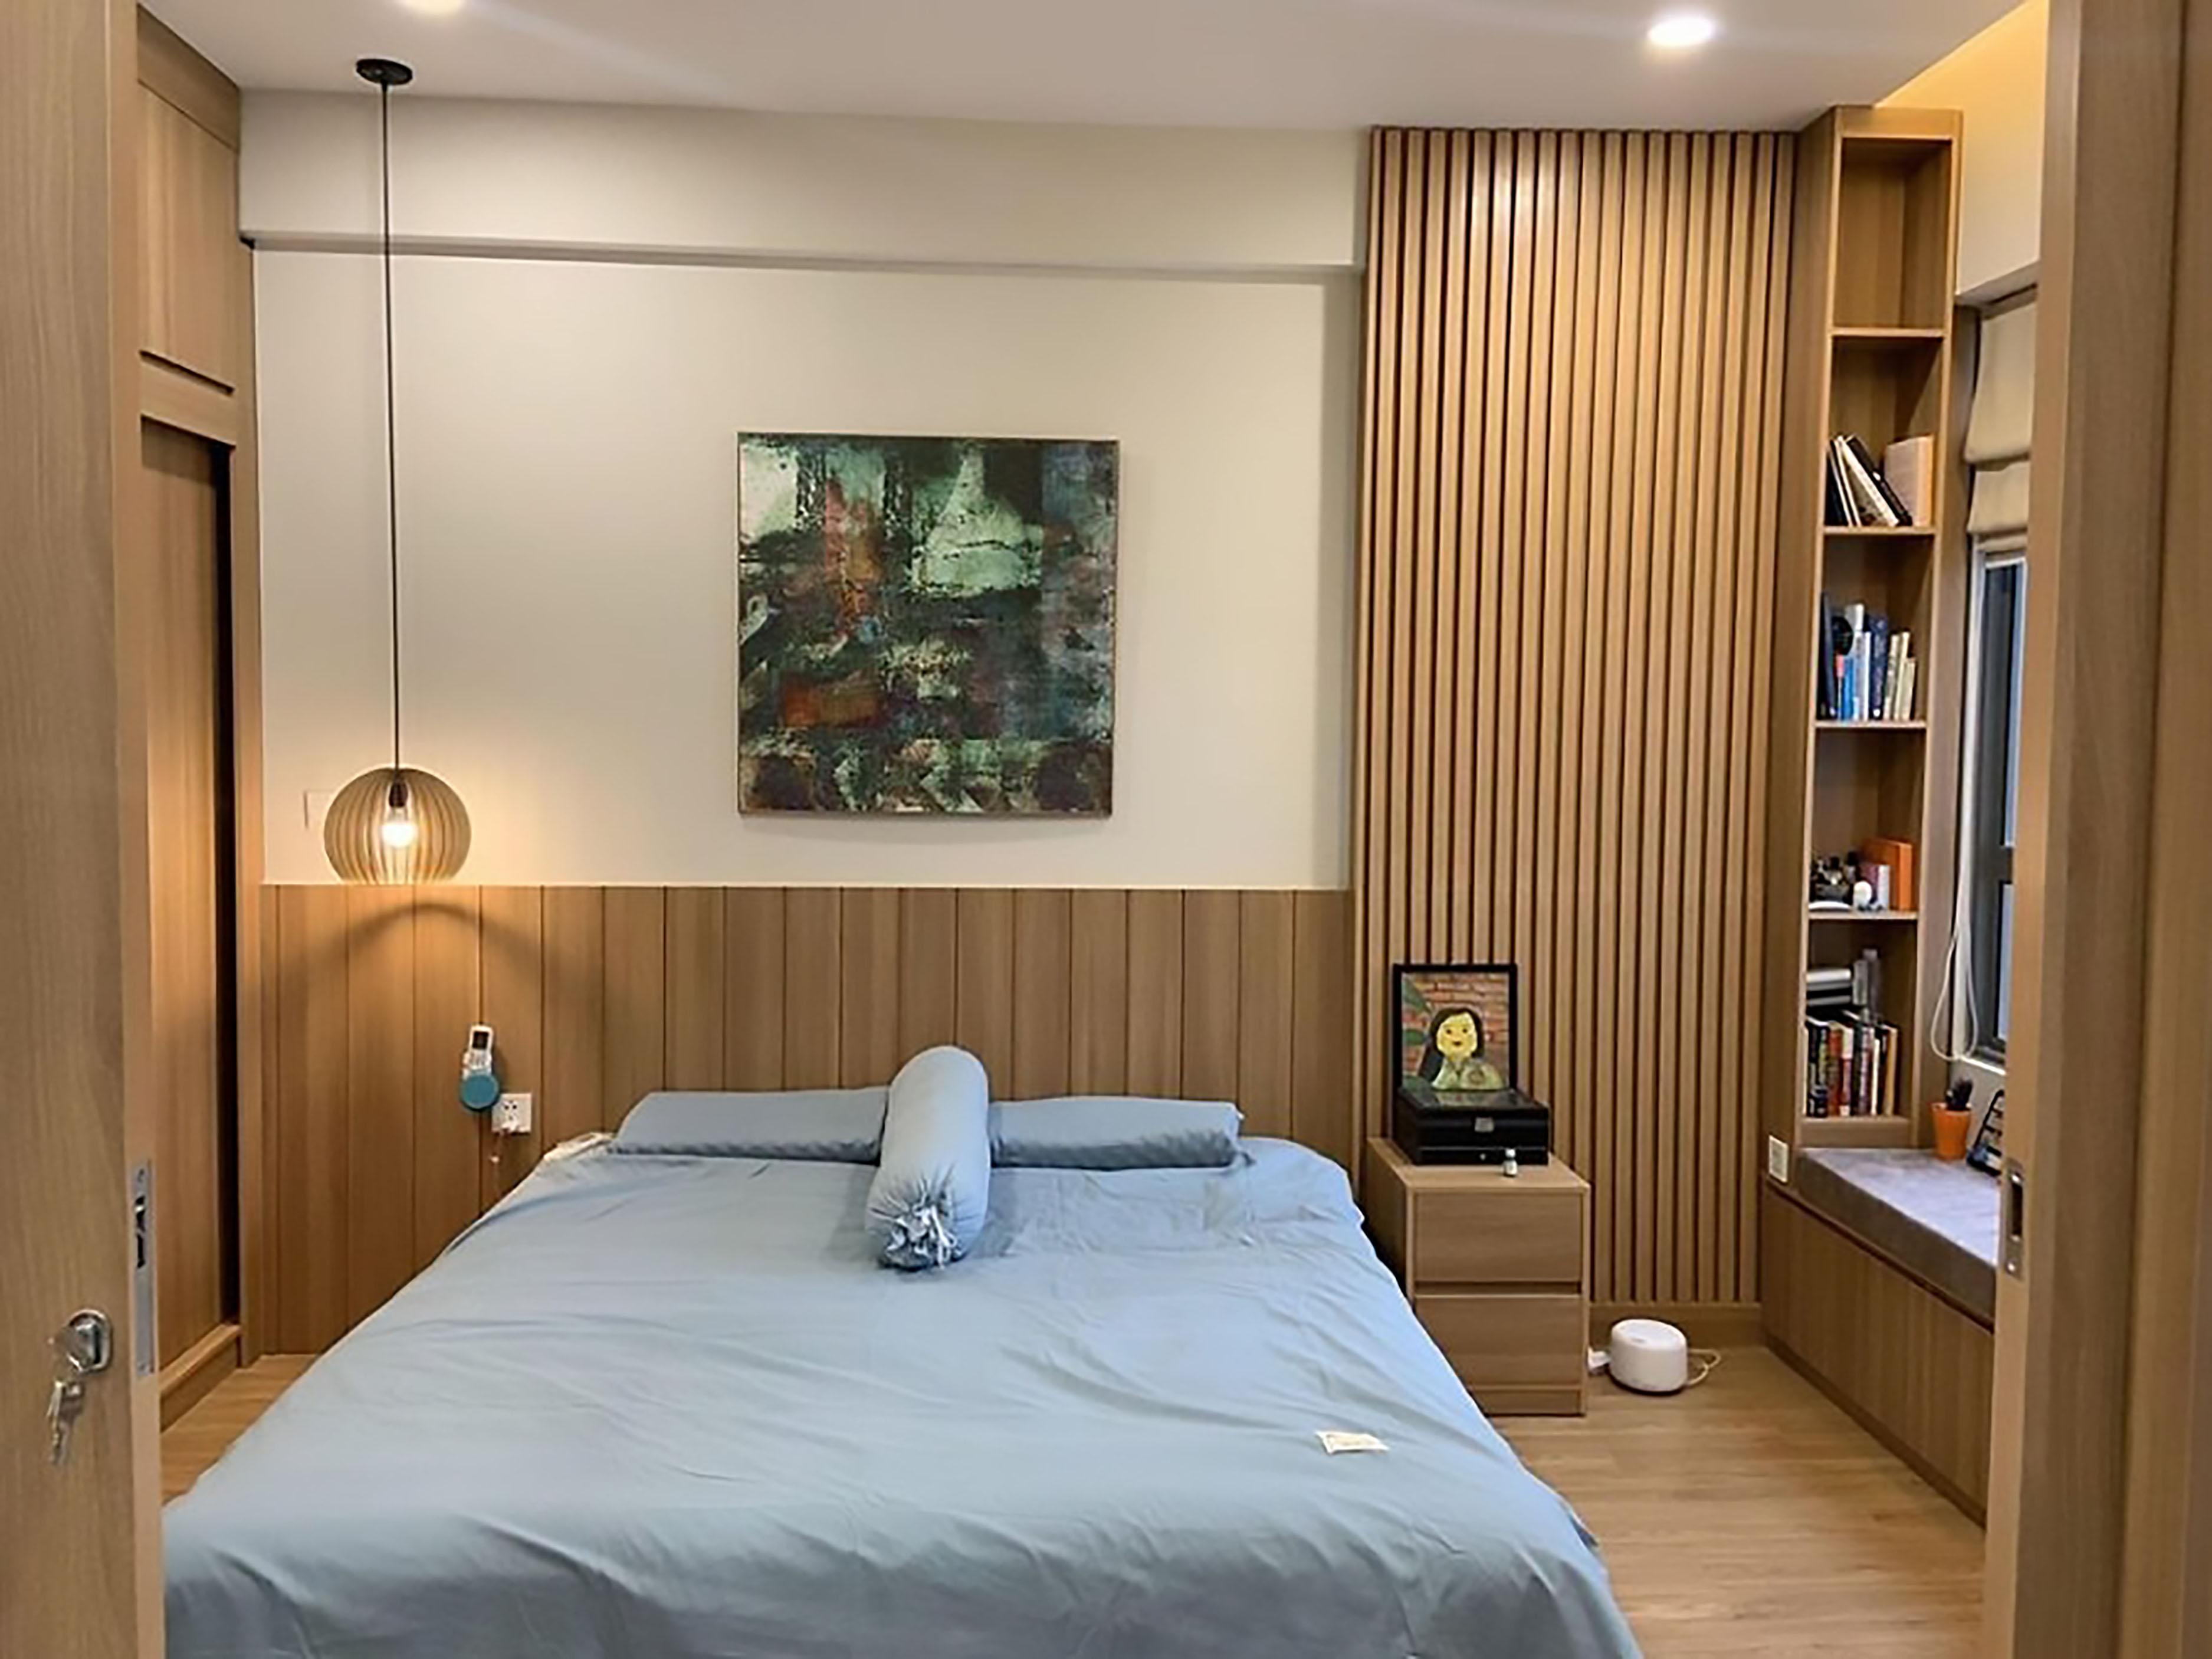 lam gỗ trang trí phòng ngủ